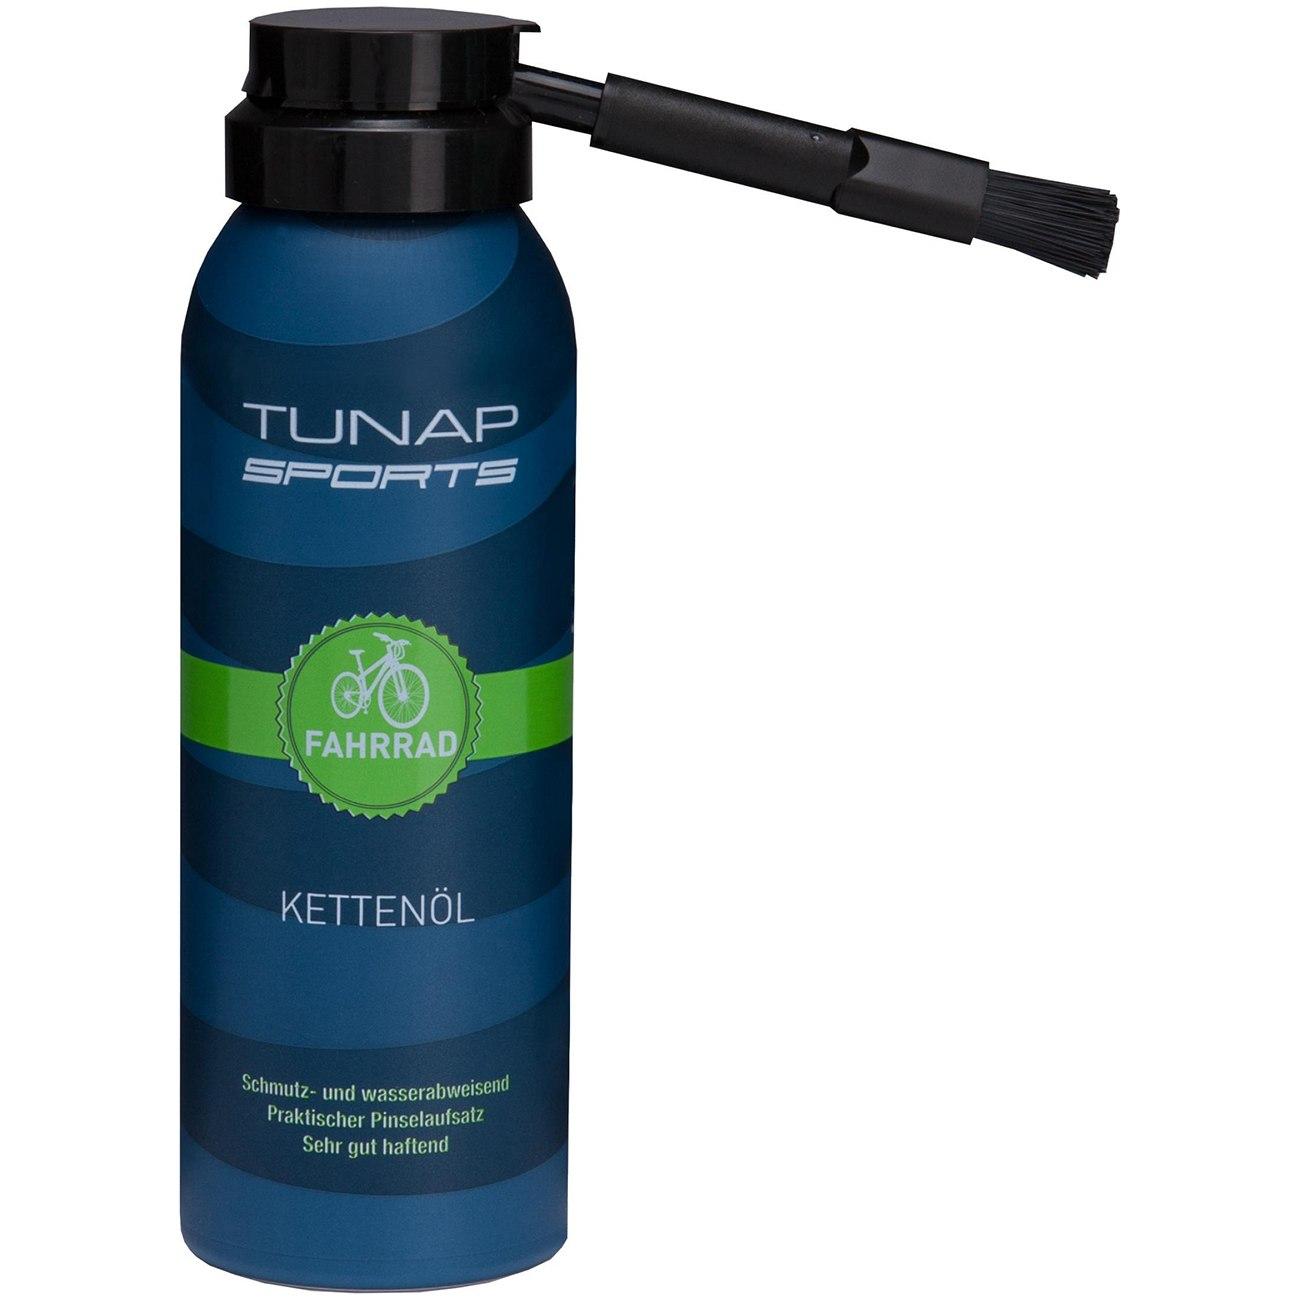 TUNAP Sports Chain Lube - 50ml